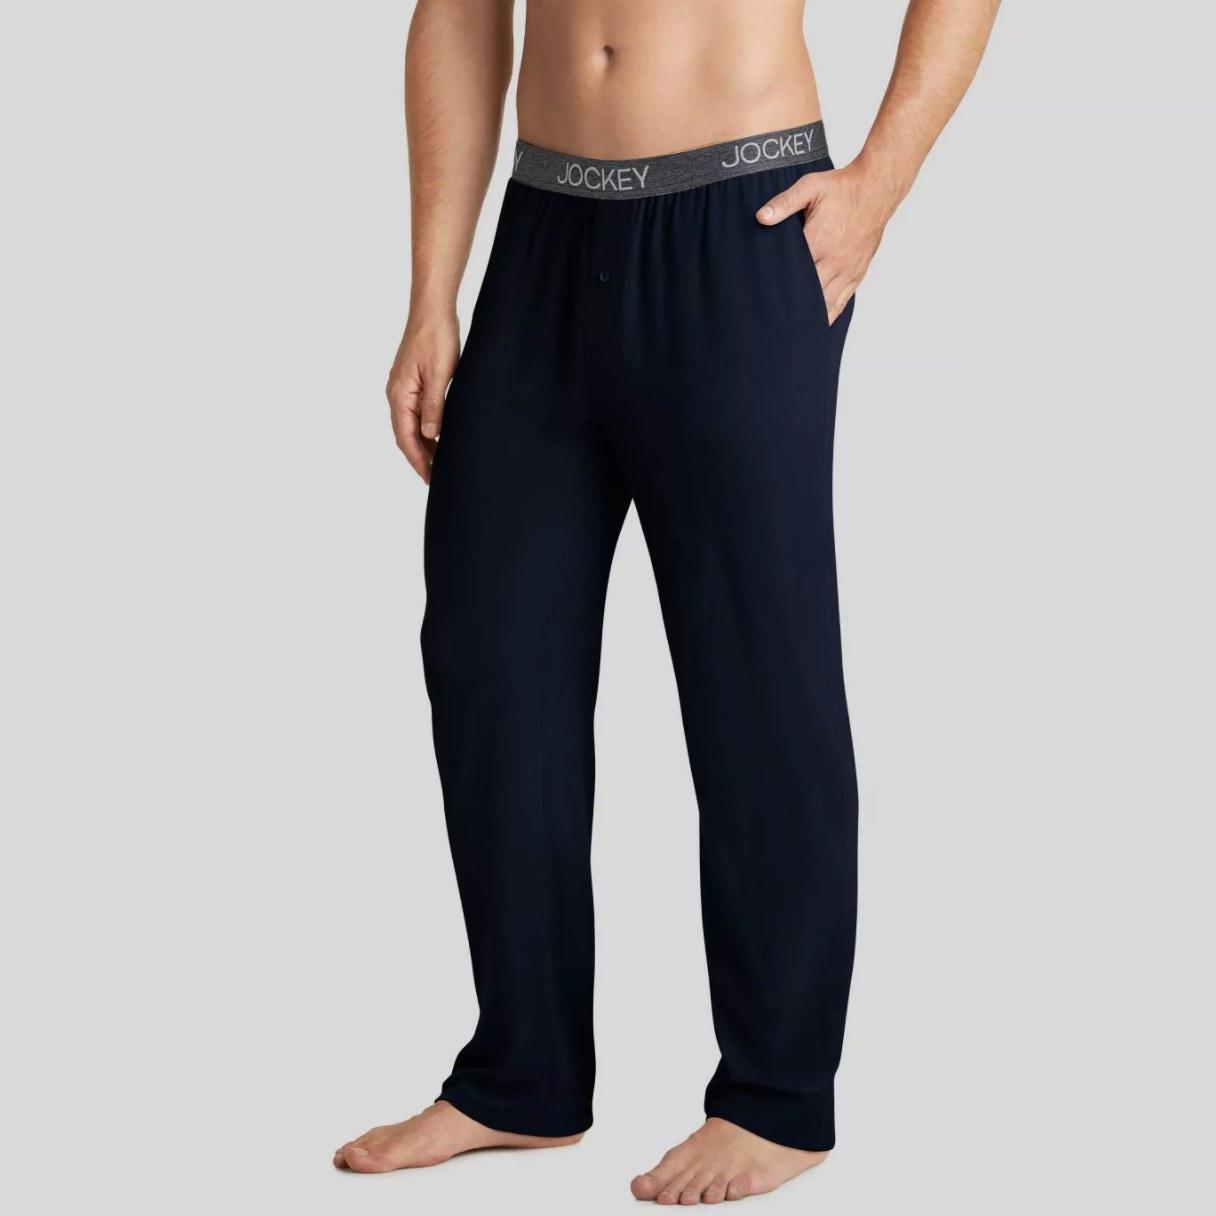 model wearing black pajama bottoms